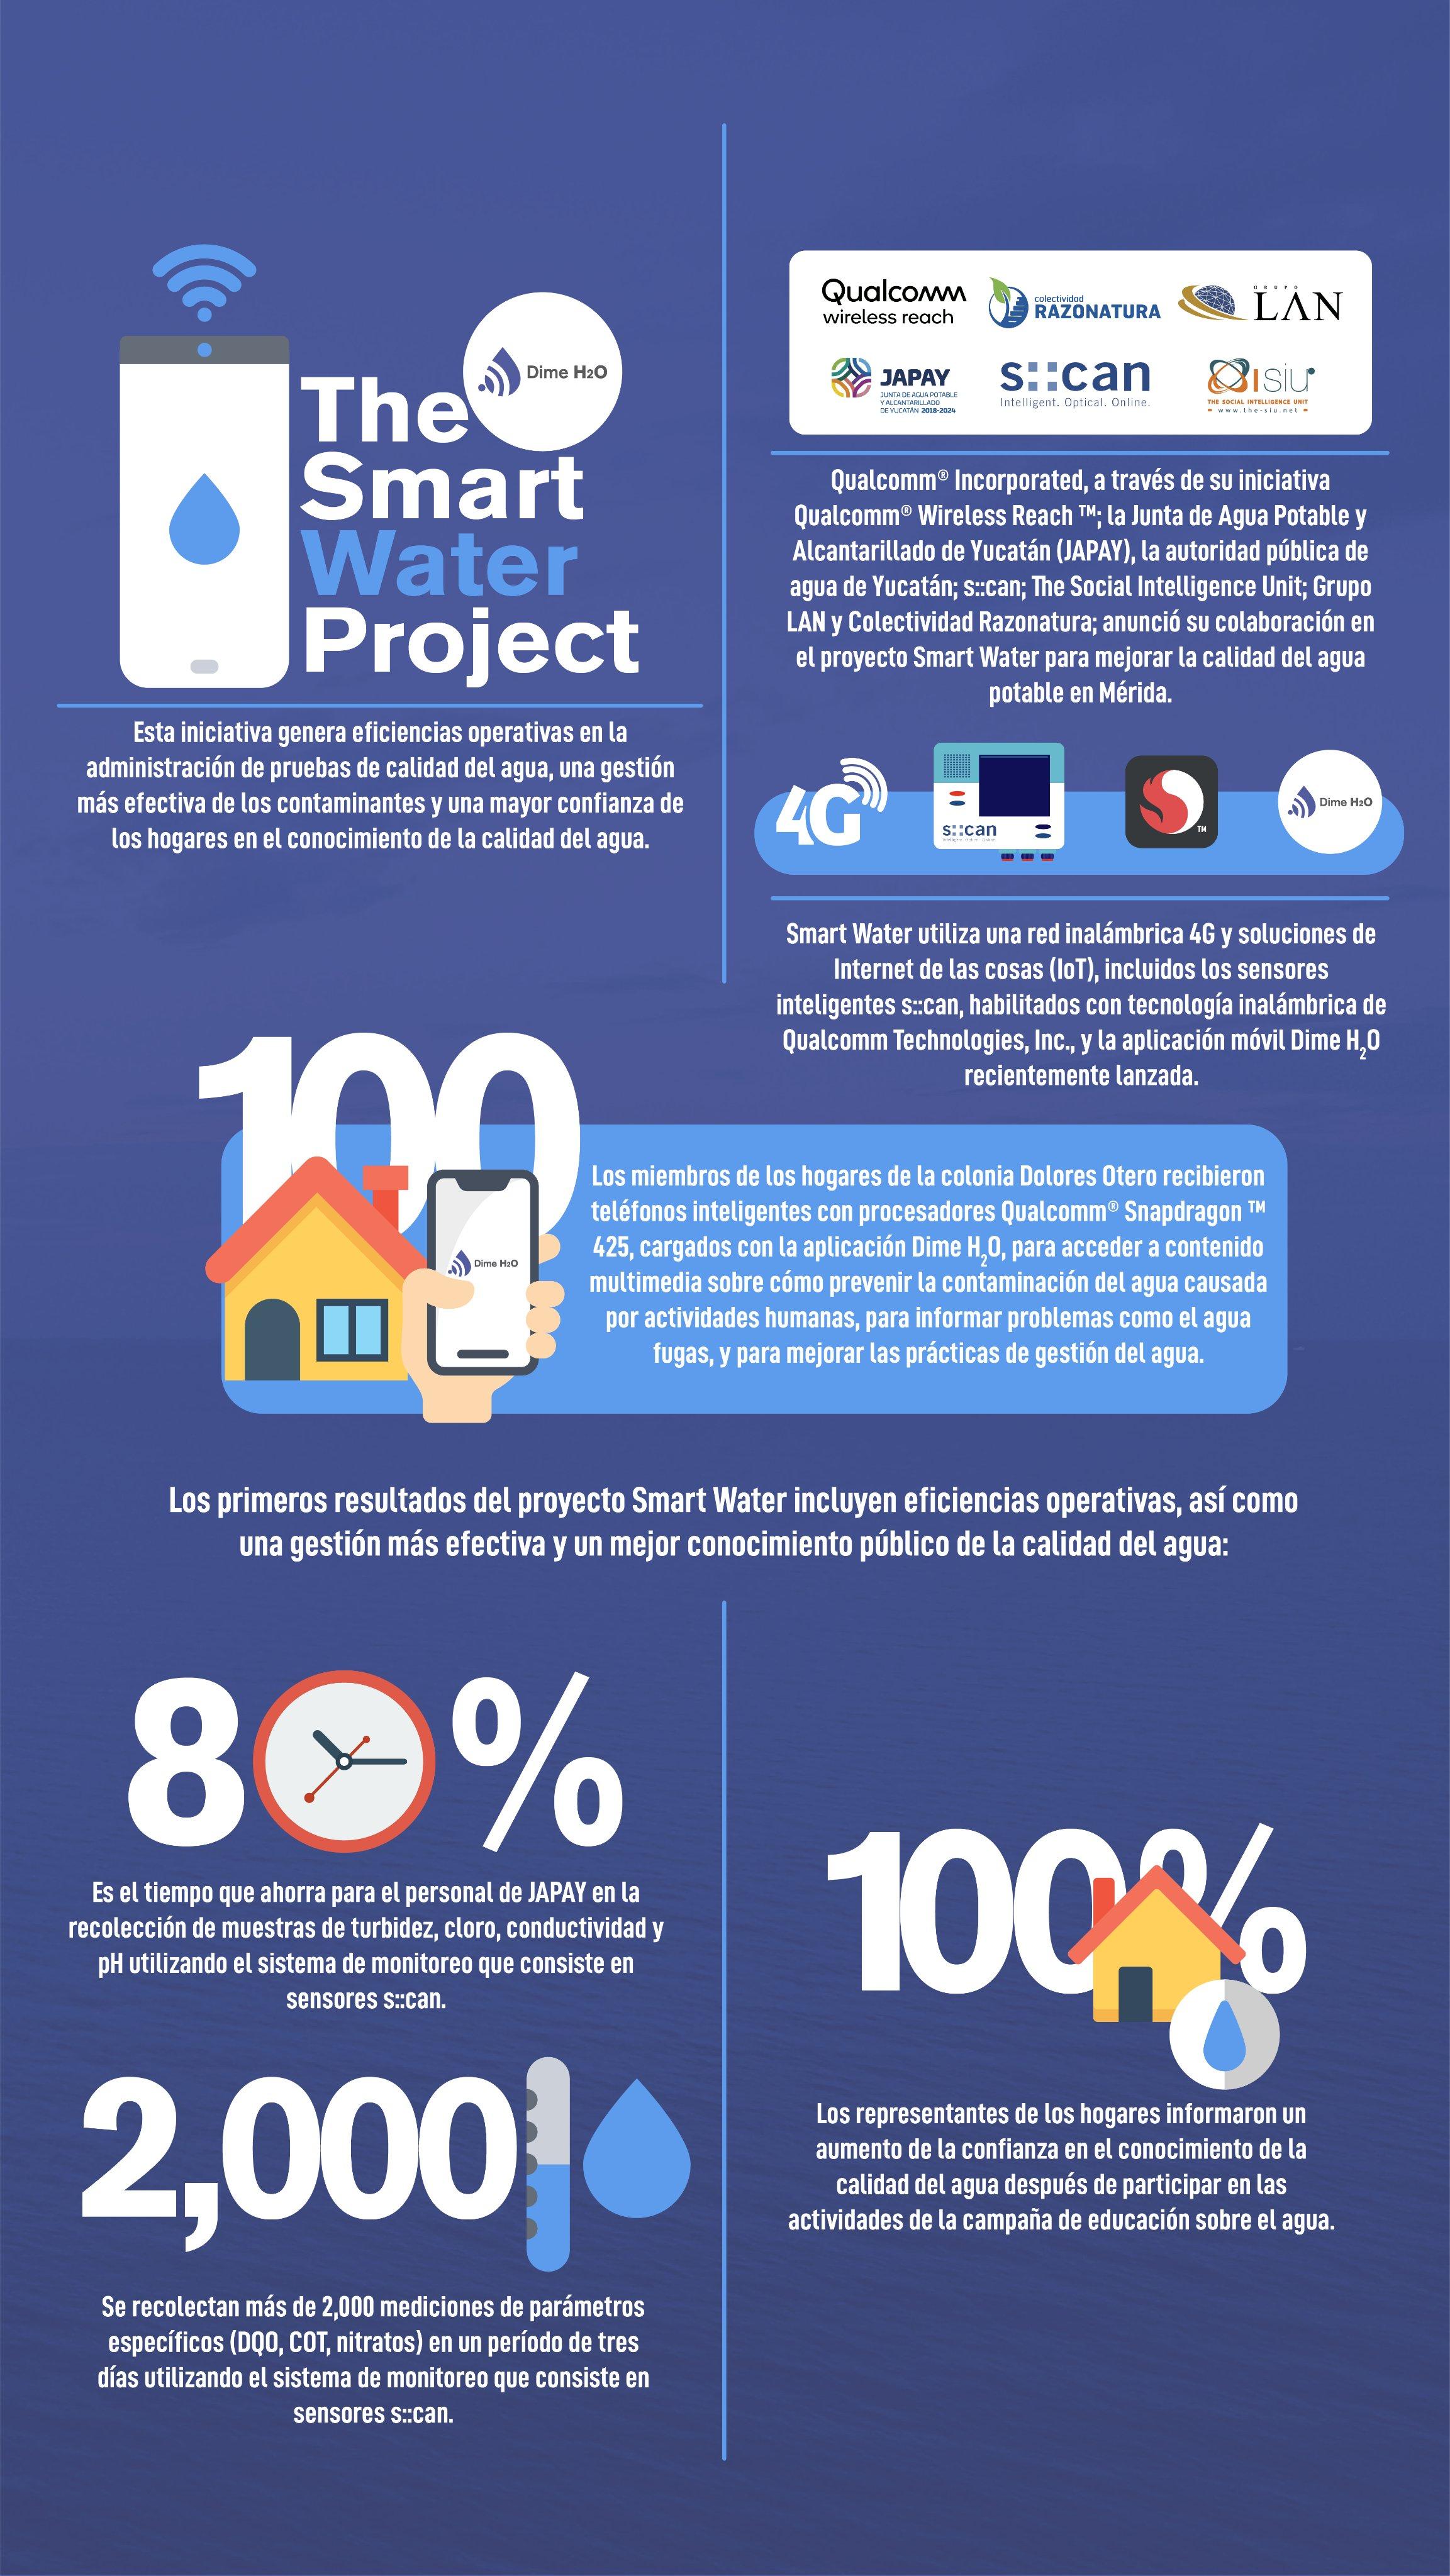 Infografía de Smart Water, el proyecto que mejora la calidad del agua potable en Mérida, Yucatán.